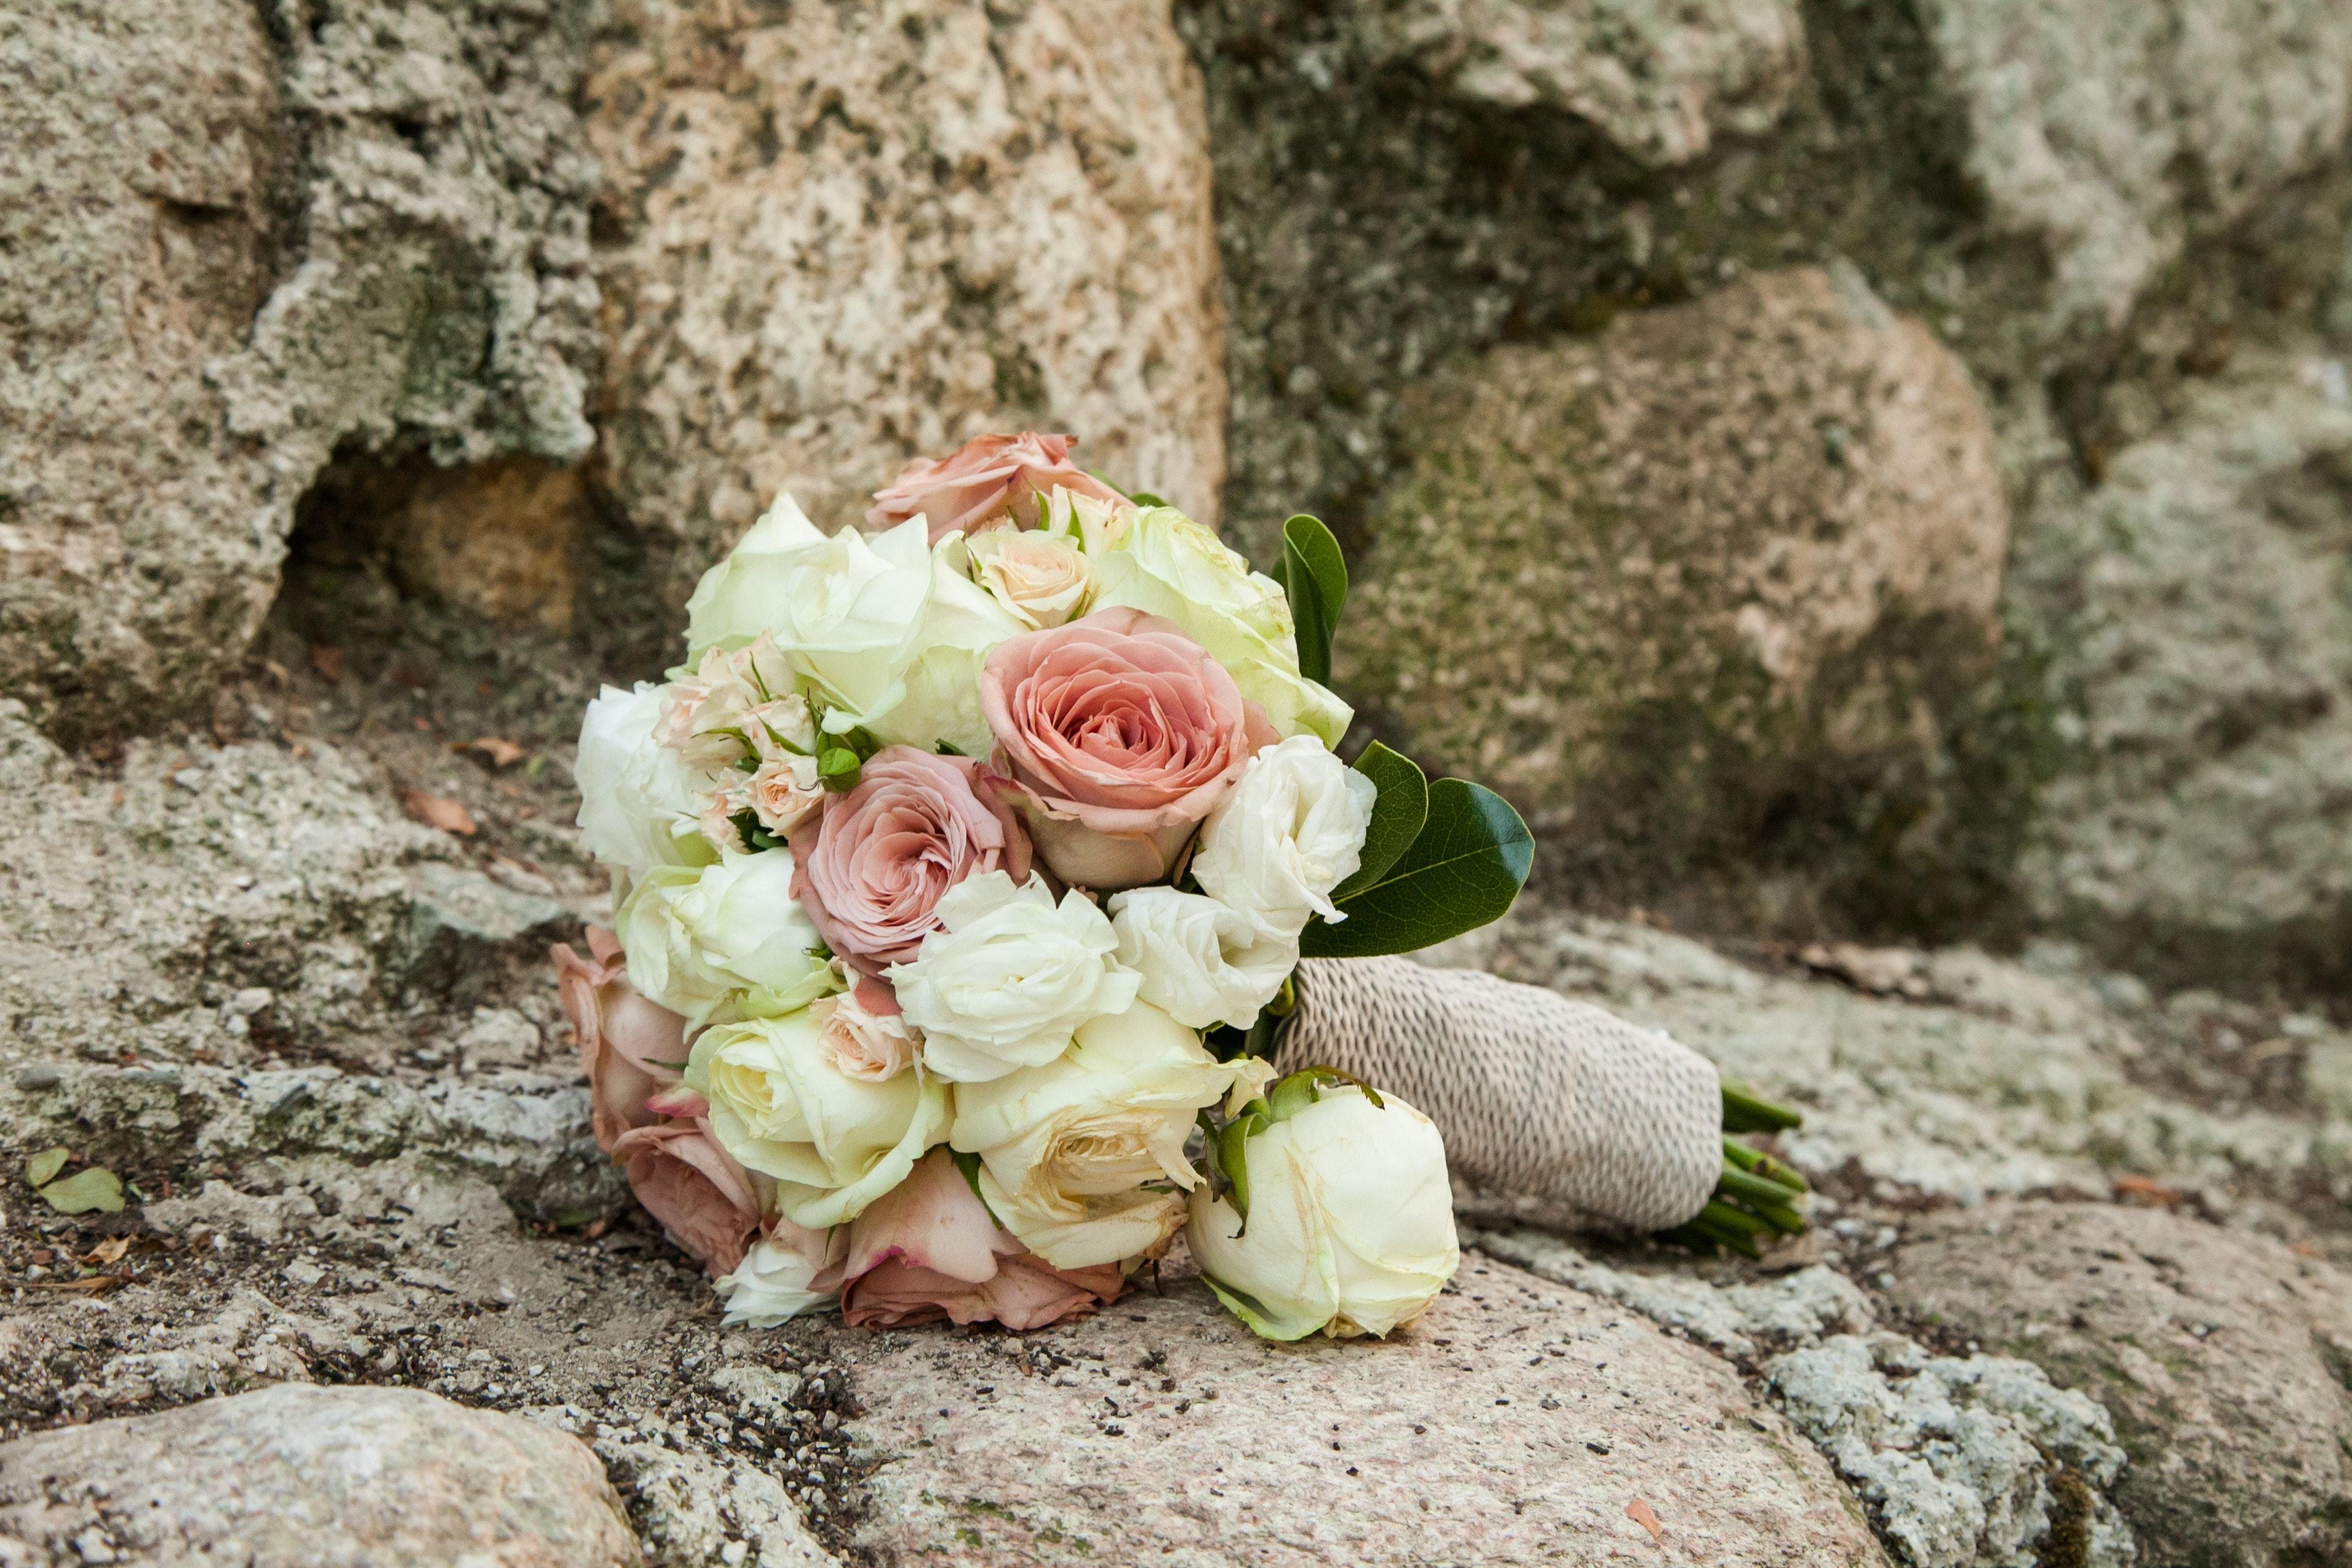 Bouquet Sposa Fai Da Te.Come Realizzare Un Bouquet Sposa Fai Da Te E Incantevole